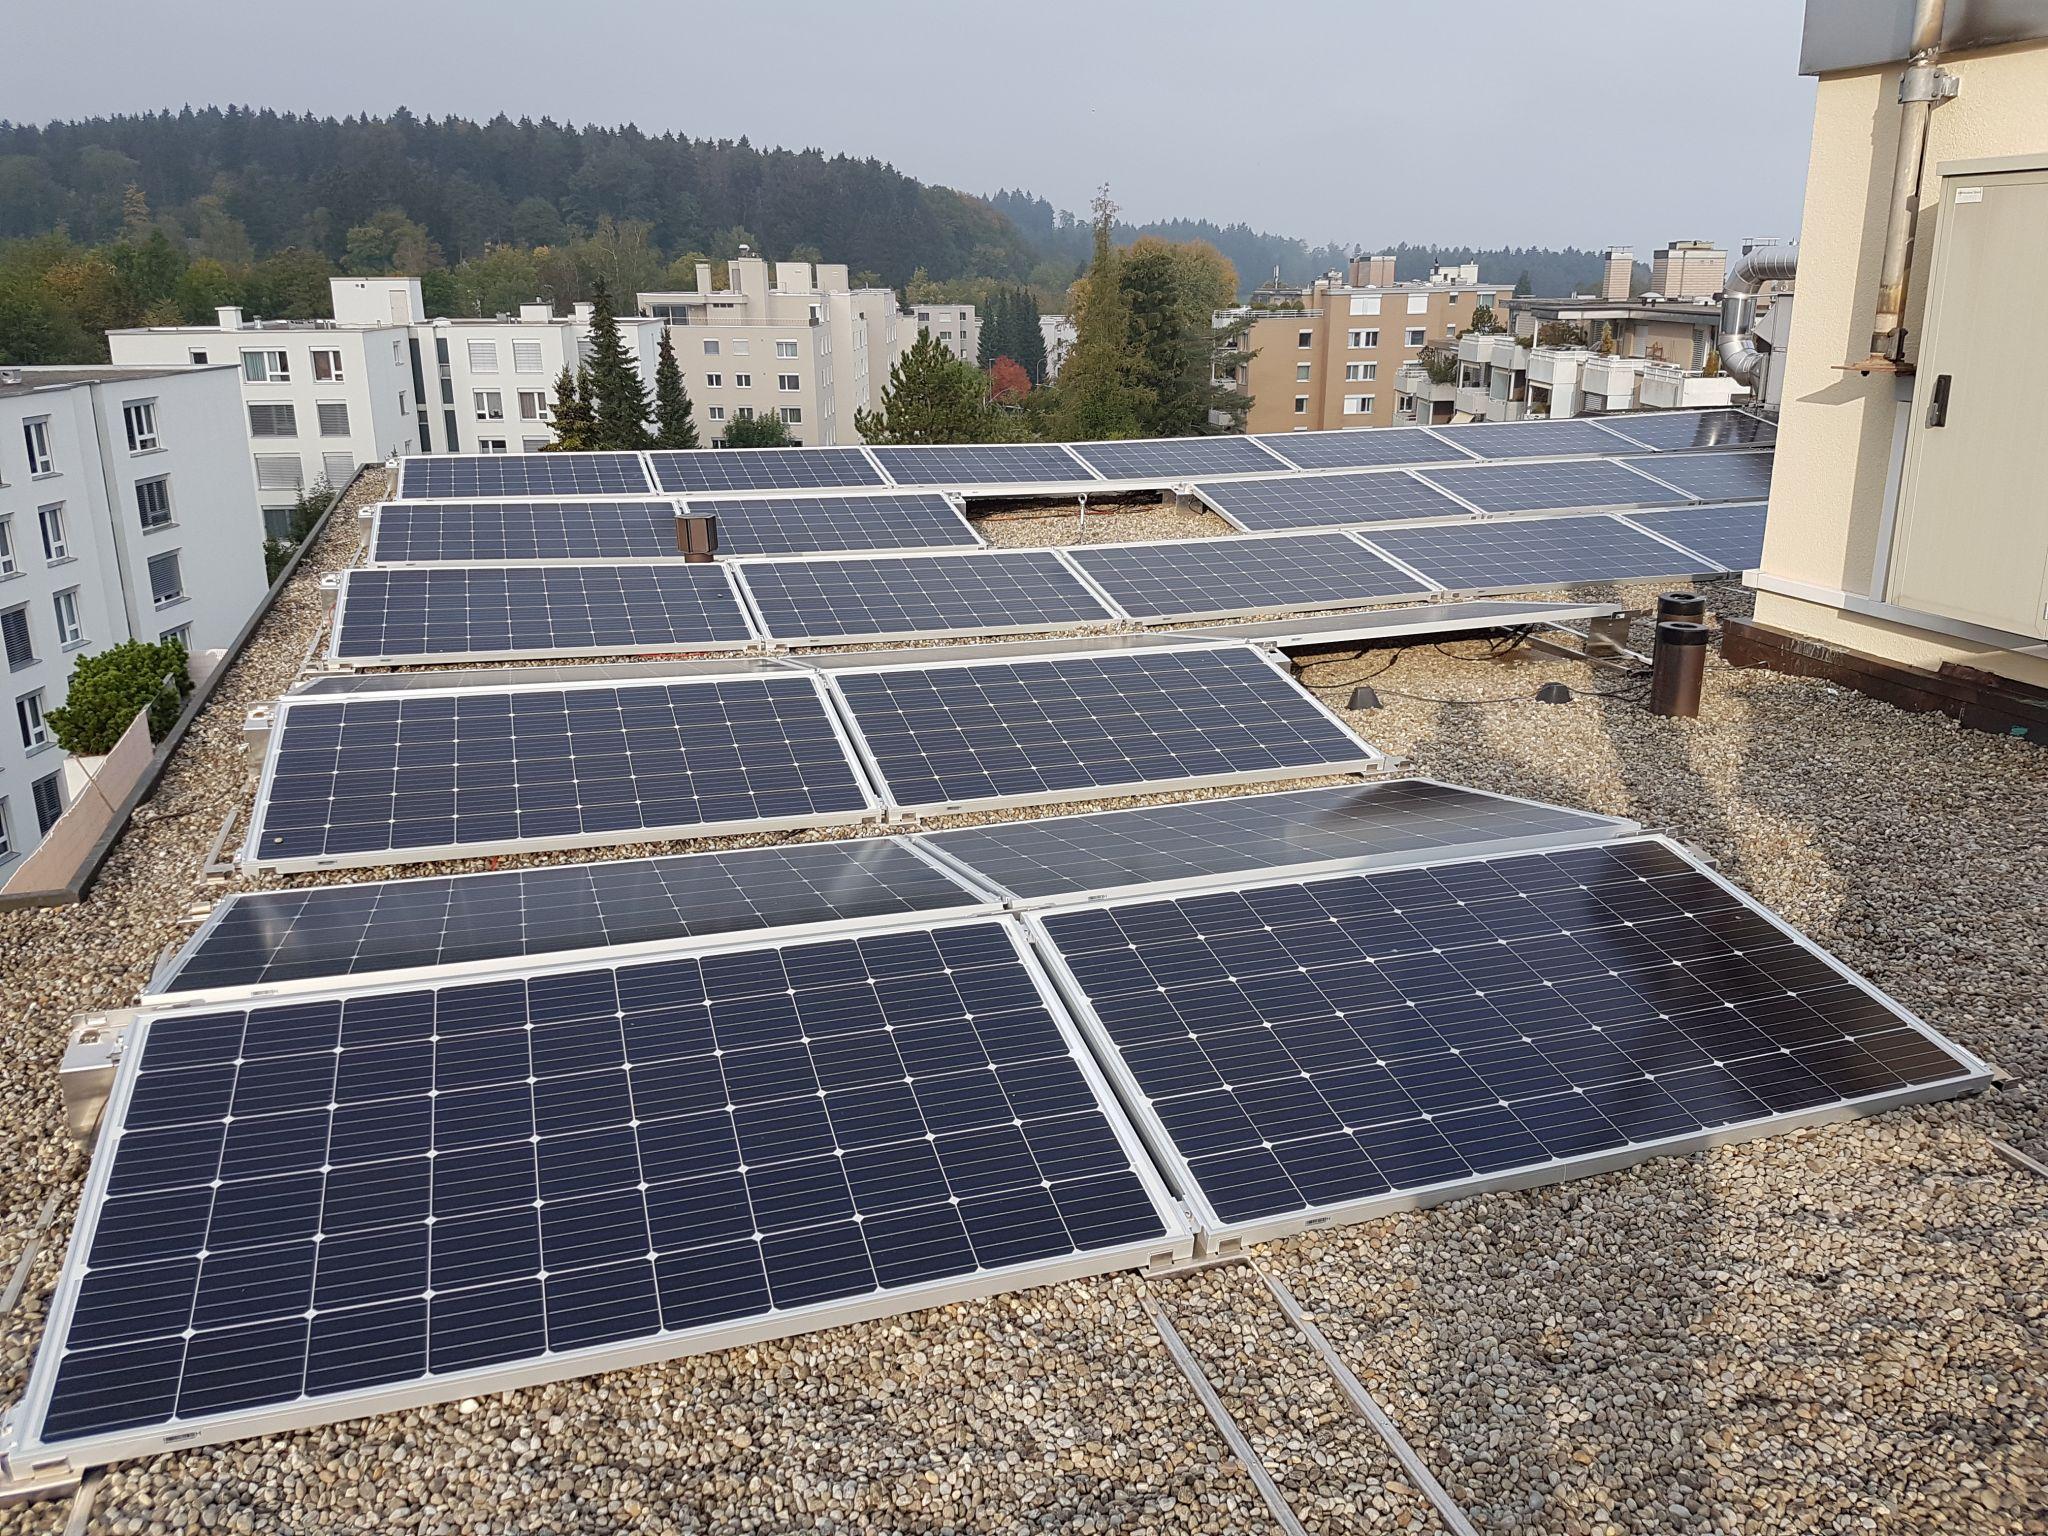 Solaranlag, In der Gand 4 Zumikon